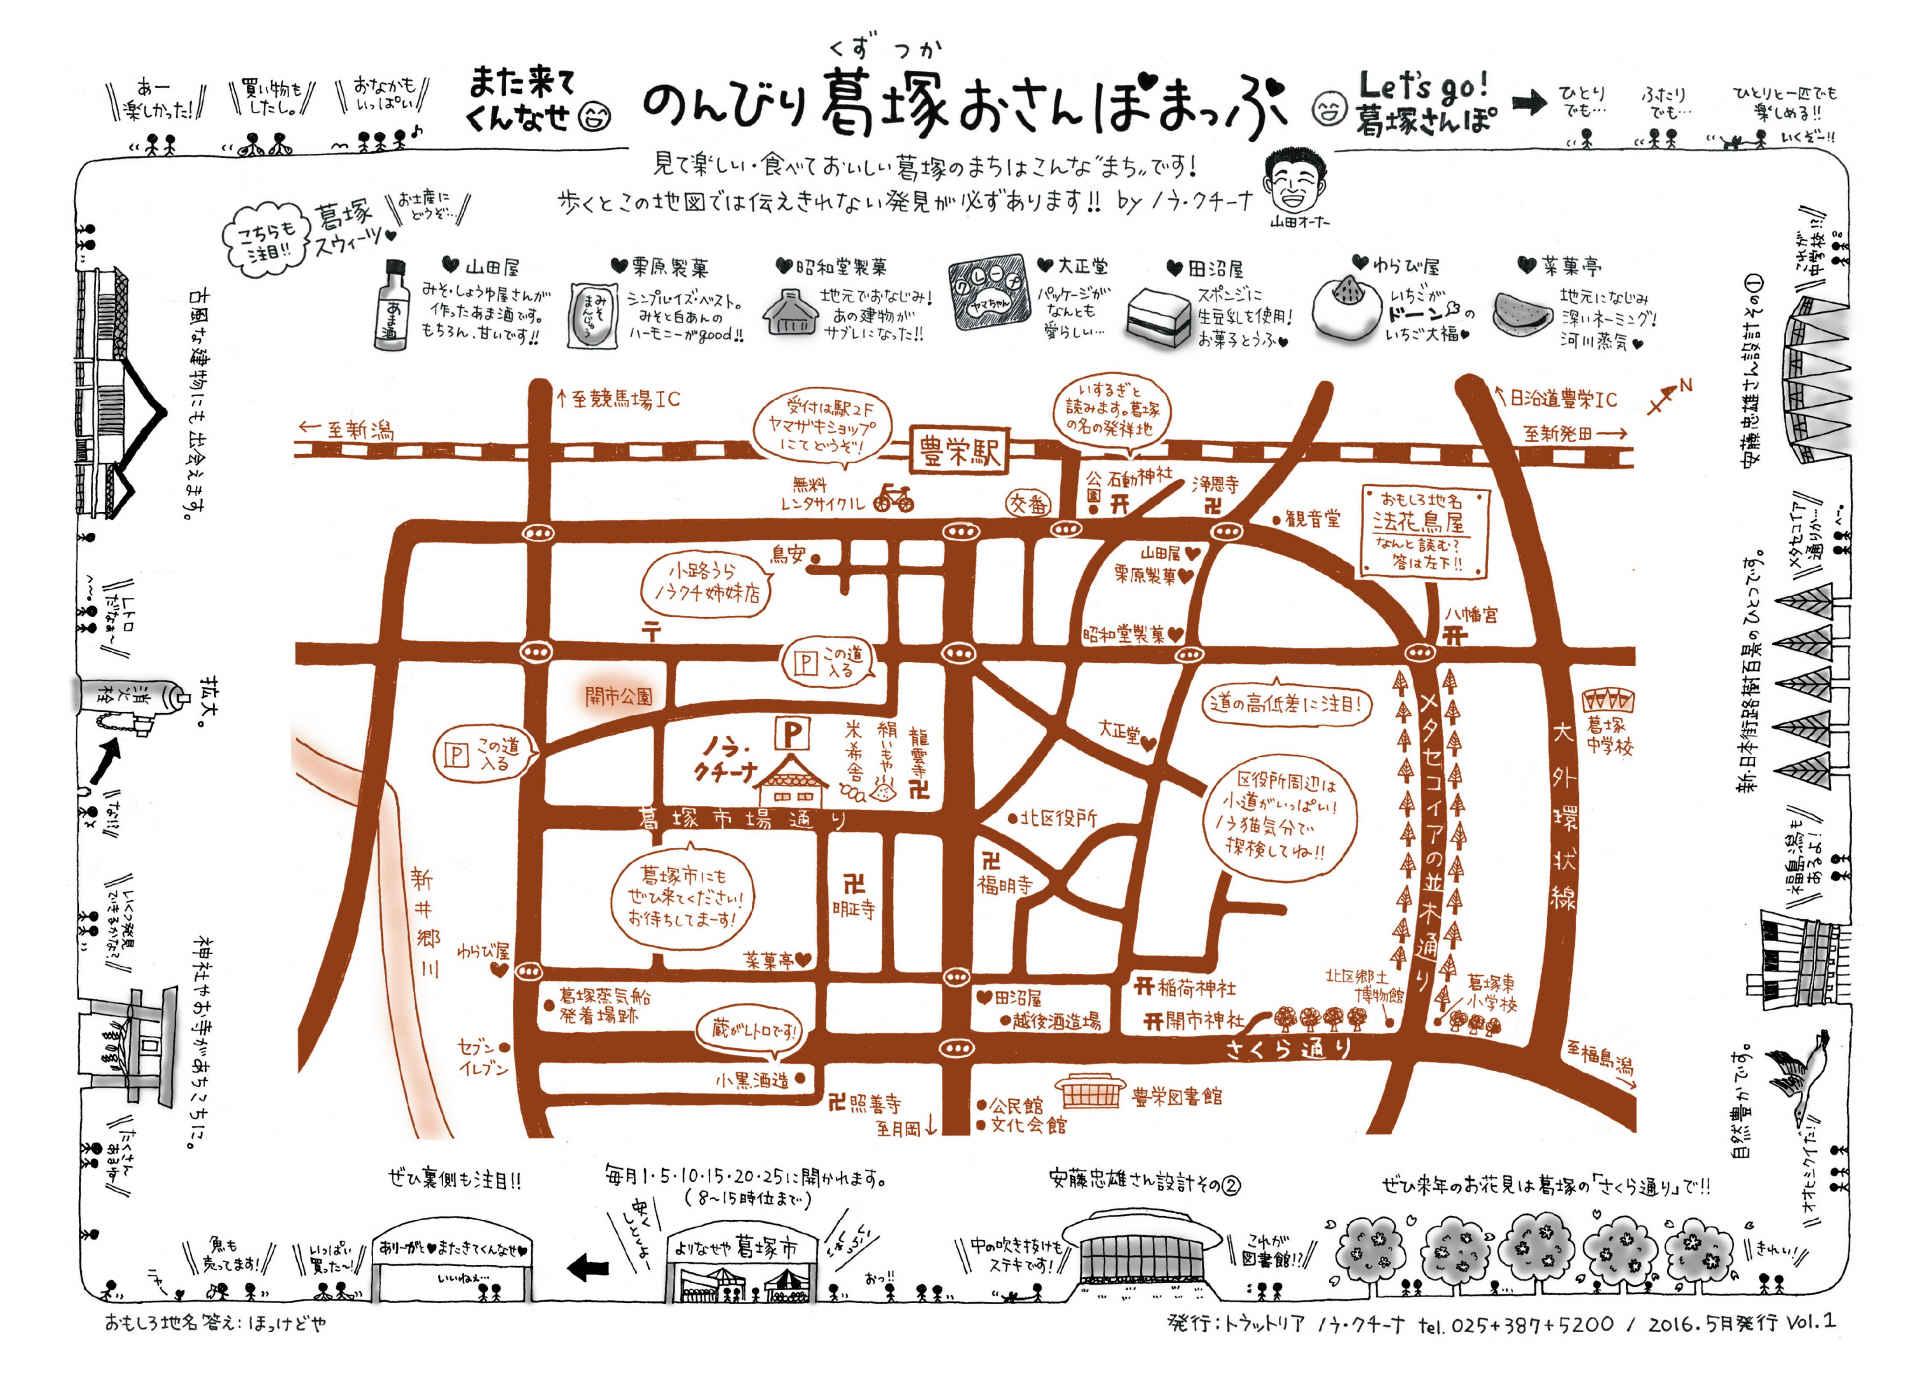 葛塚地図完成 [更新済み]